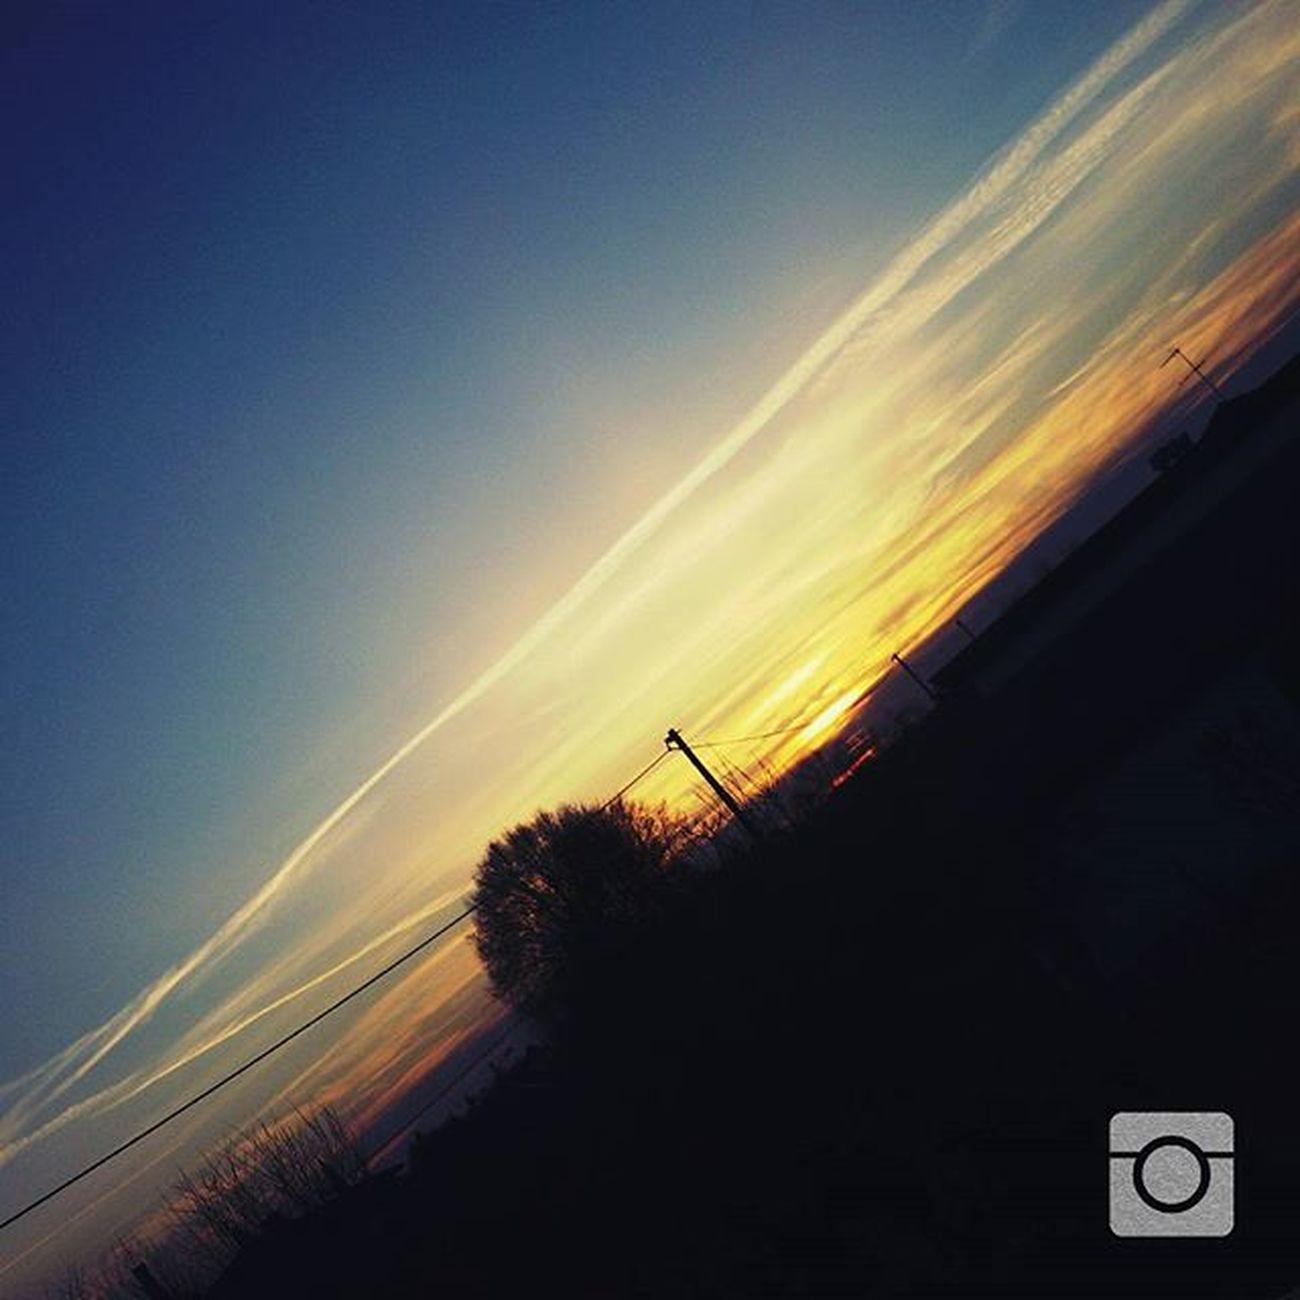 Today was a Beautiful warm Sunny day . This is what remains- Oggi è stata una Bellissima Calda Giornata di Sole . questo è quello che resta Sun Sole Cielo Cieloblu Sky Blusky Tree Alberi Nuvole Clouds Nuages Colors Colori Icoloridelcielo Tramontoacolori Sunset Tramonto sunsettoday tramontooggi